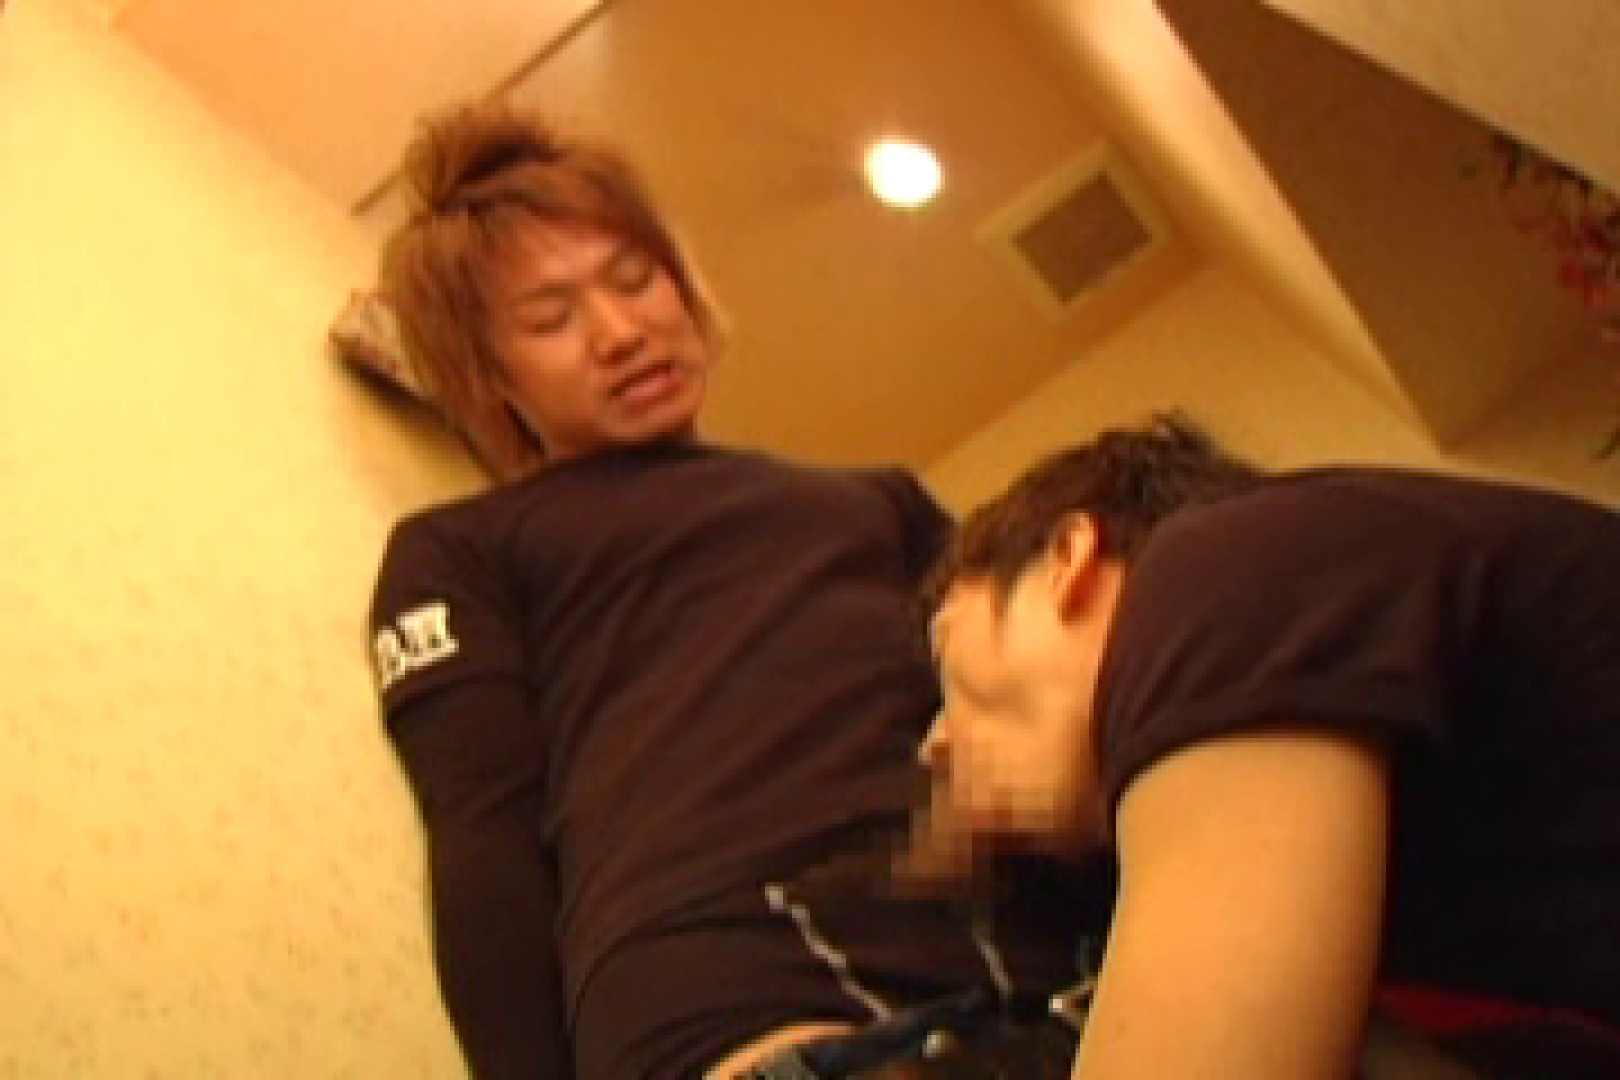 美しいmensは「トロマン」が大好き!!vol.01 アナルグッズ〜! ゲイ無修正ビデオ画像 90枚 43